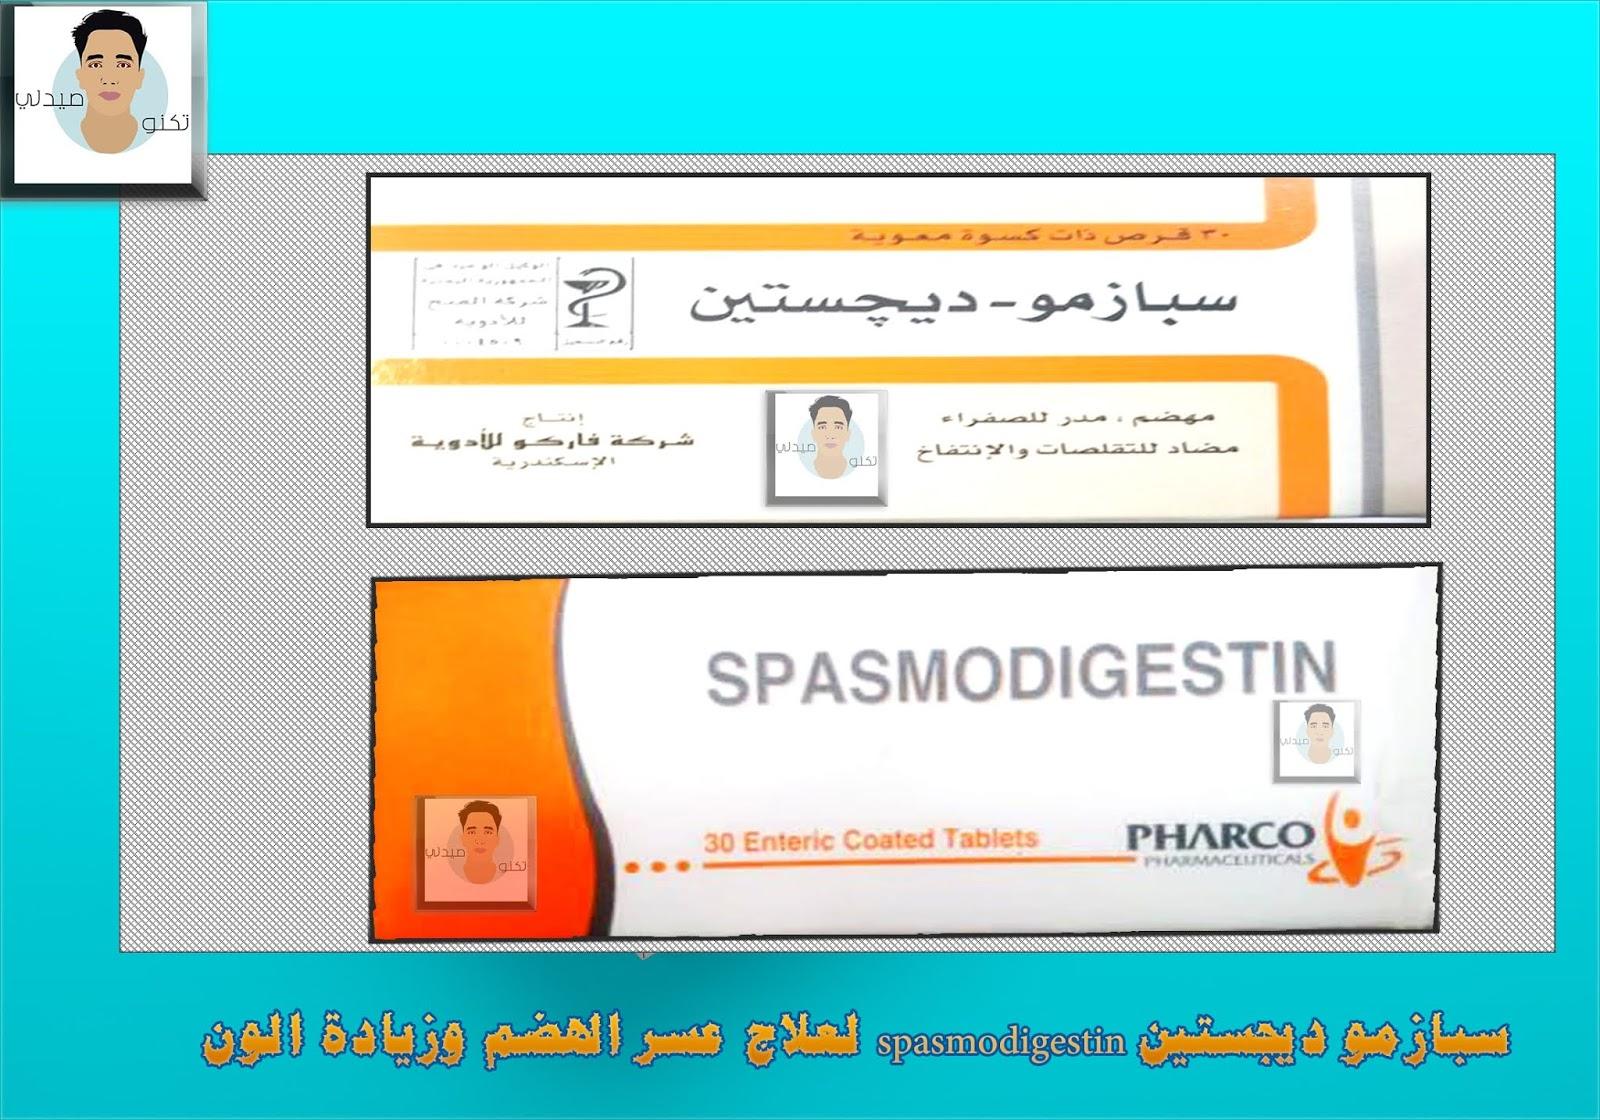 سبازمو ديجستين spasmodigestin لعلاج عسر الهضم وزيادة الون